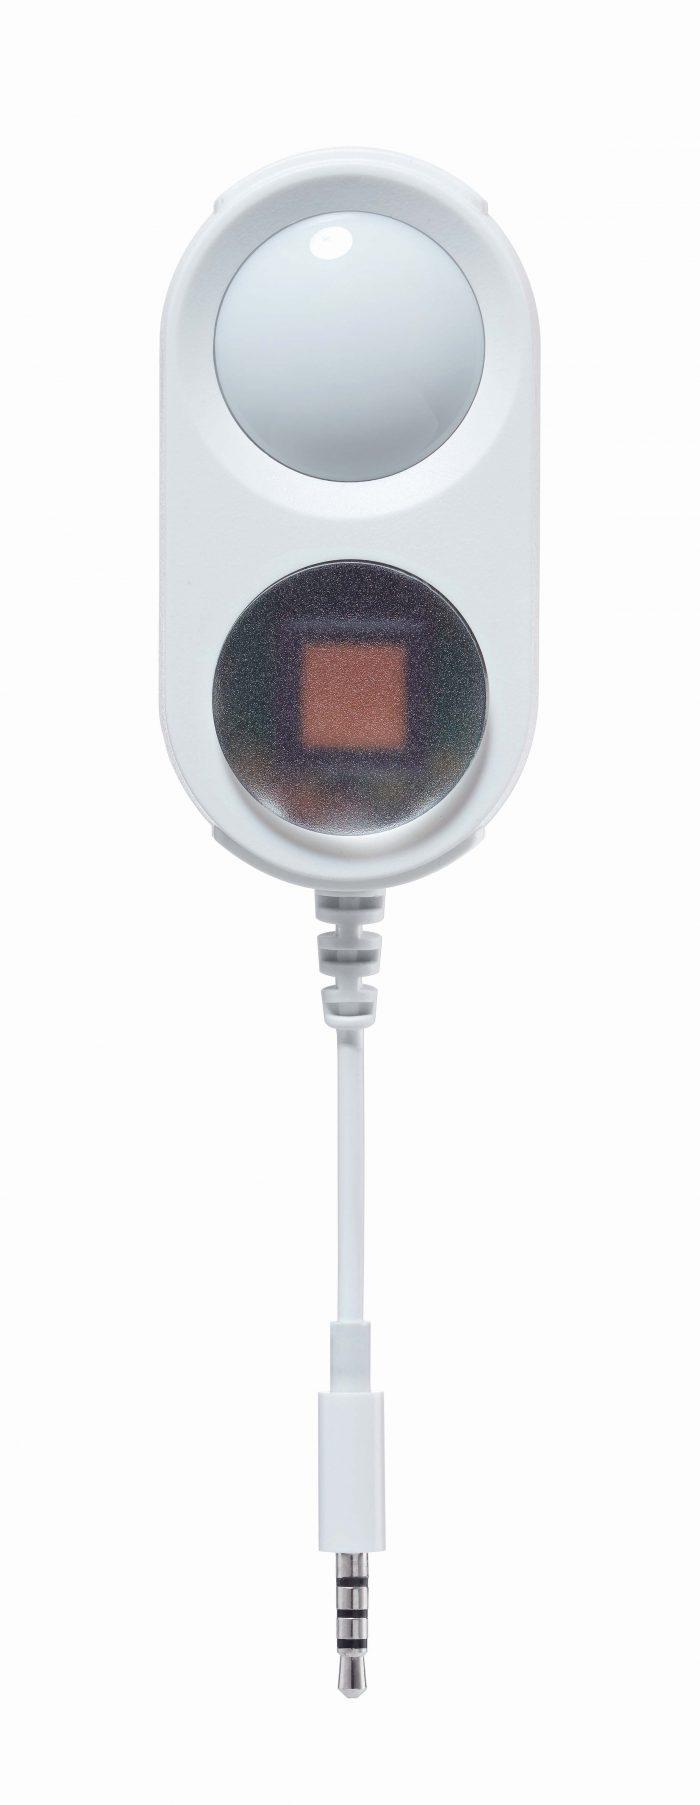 0572-2157-testo-160-lux-uv-sensor